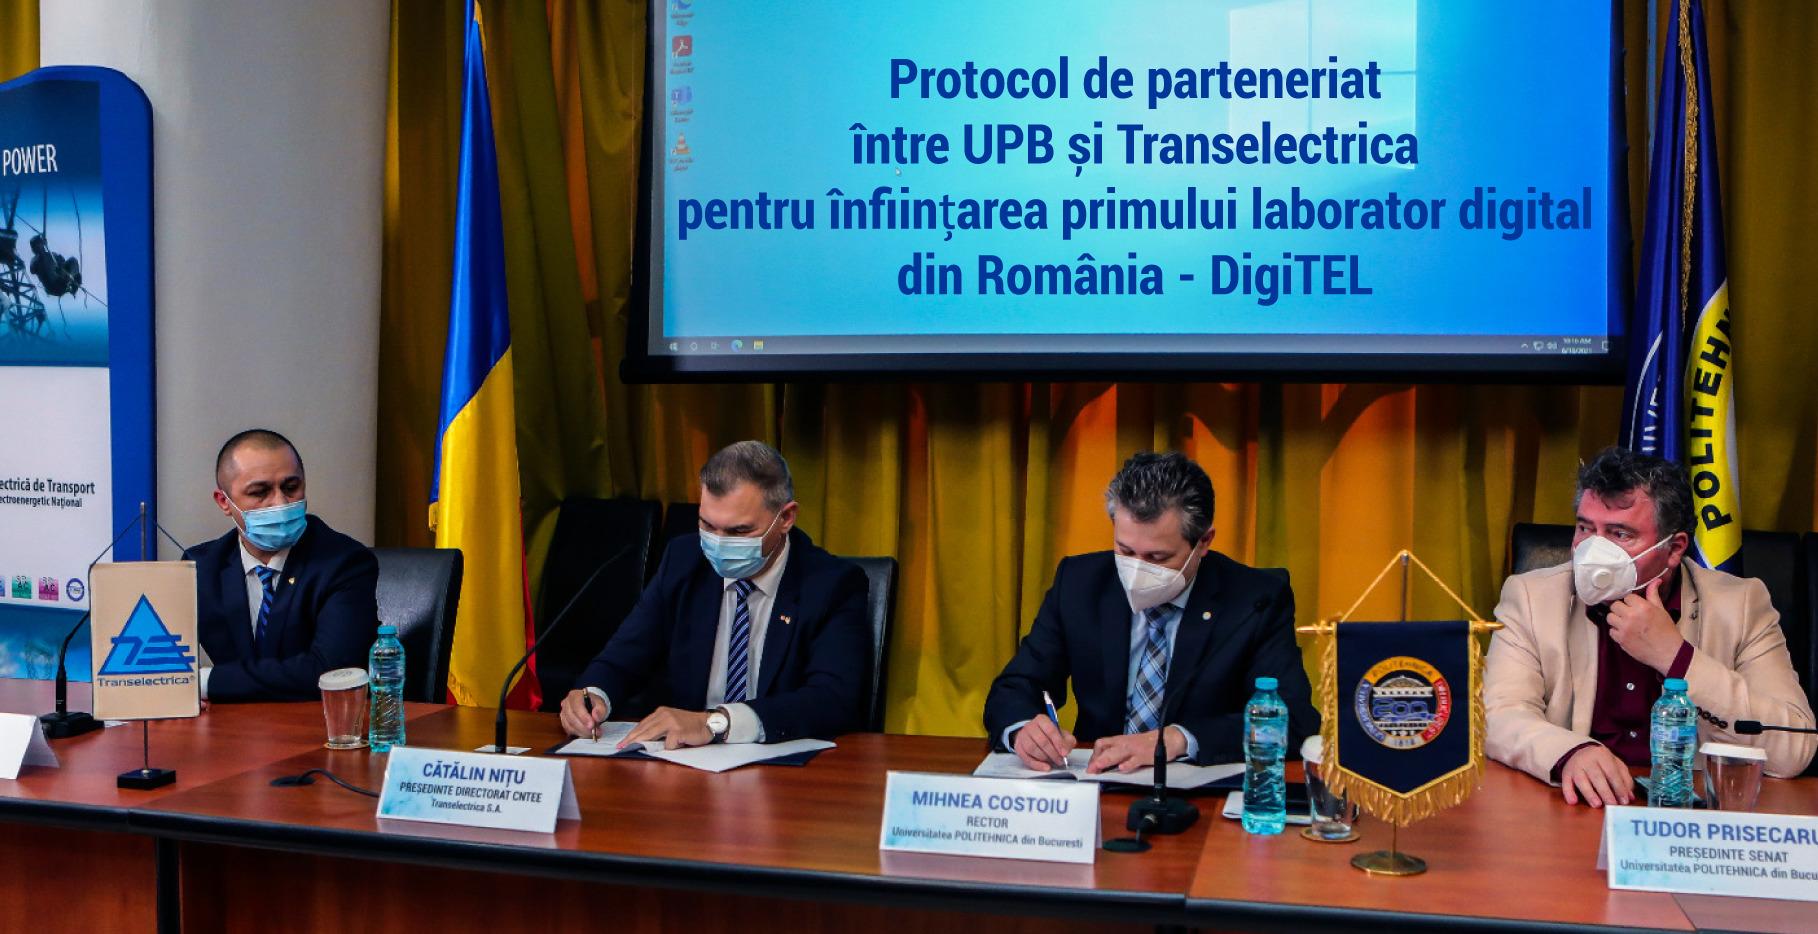 Protocol de parteneriat  între UPB și Transelectrica pentru înființarea primului laborator digital din România – DigiTEL